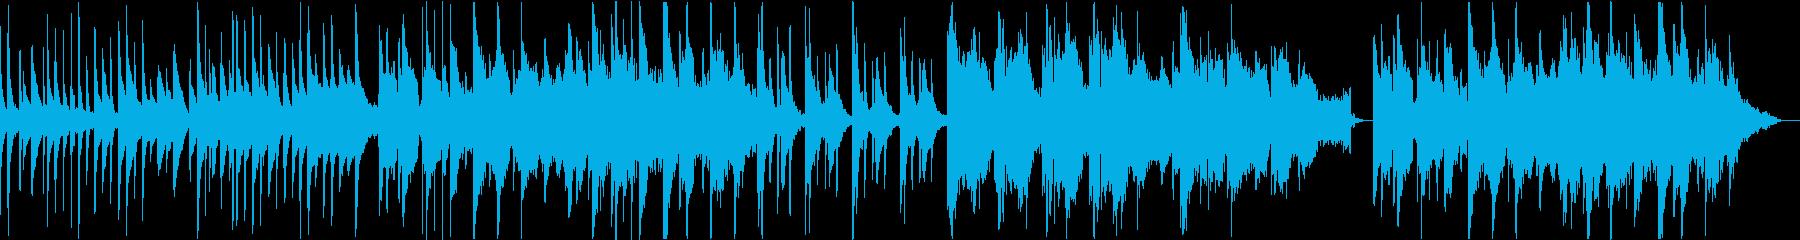 映像的で壮大、感動的なピアノストリングスの再生済みの波形